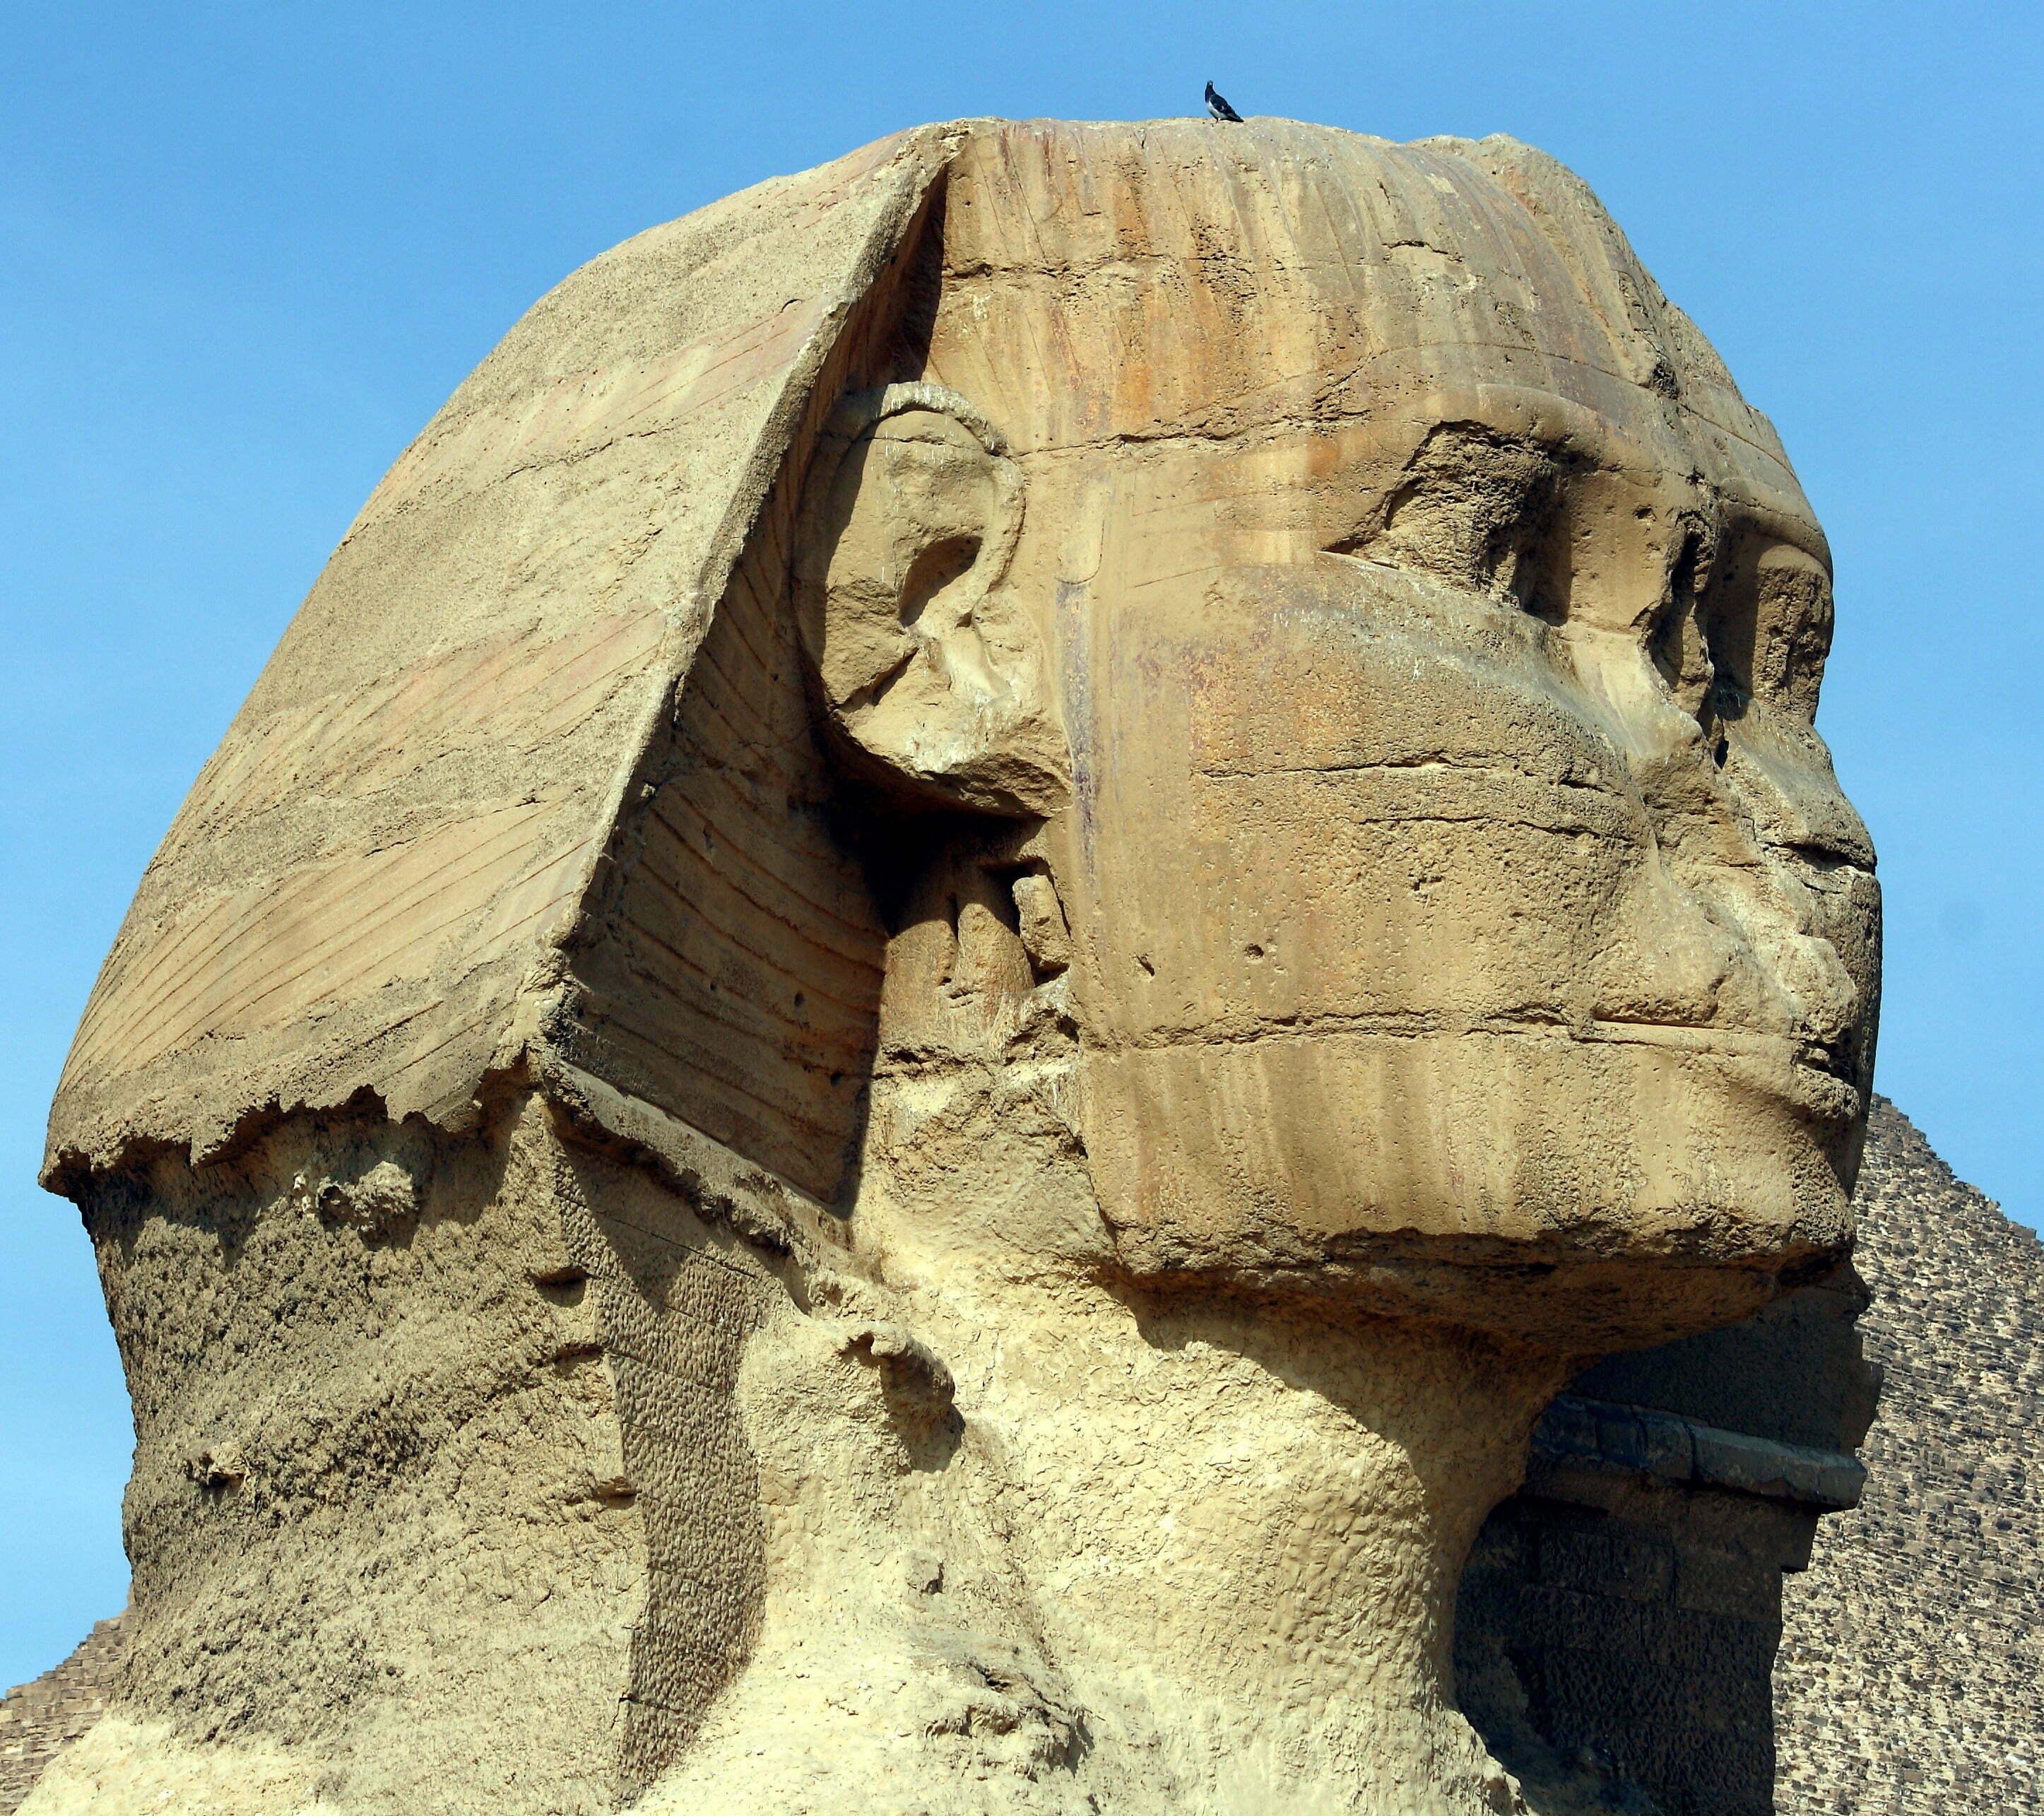 مجسمه ی ابوالهول گیزا